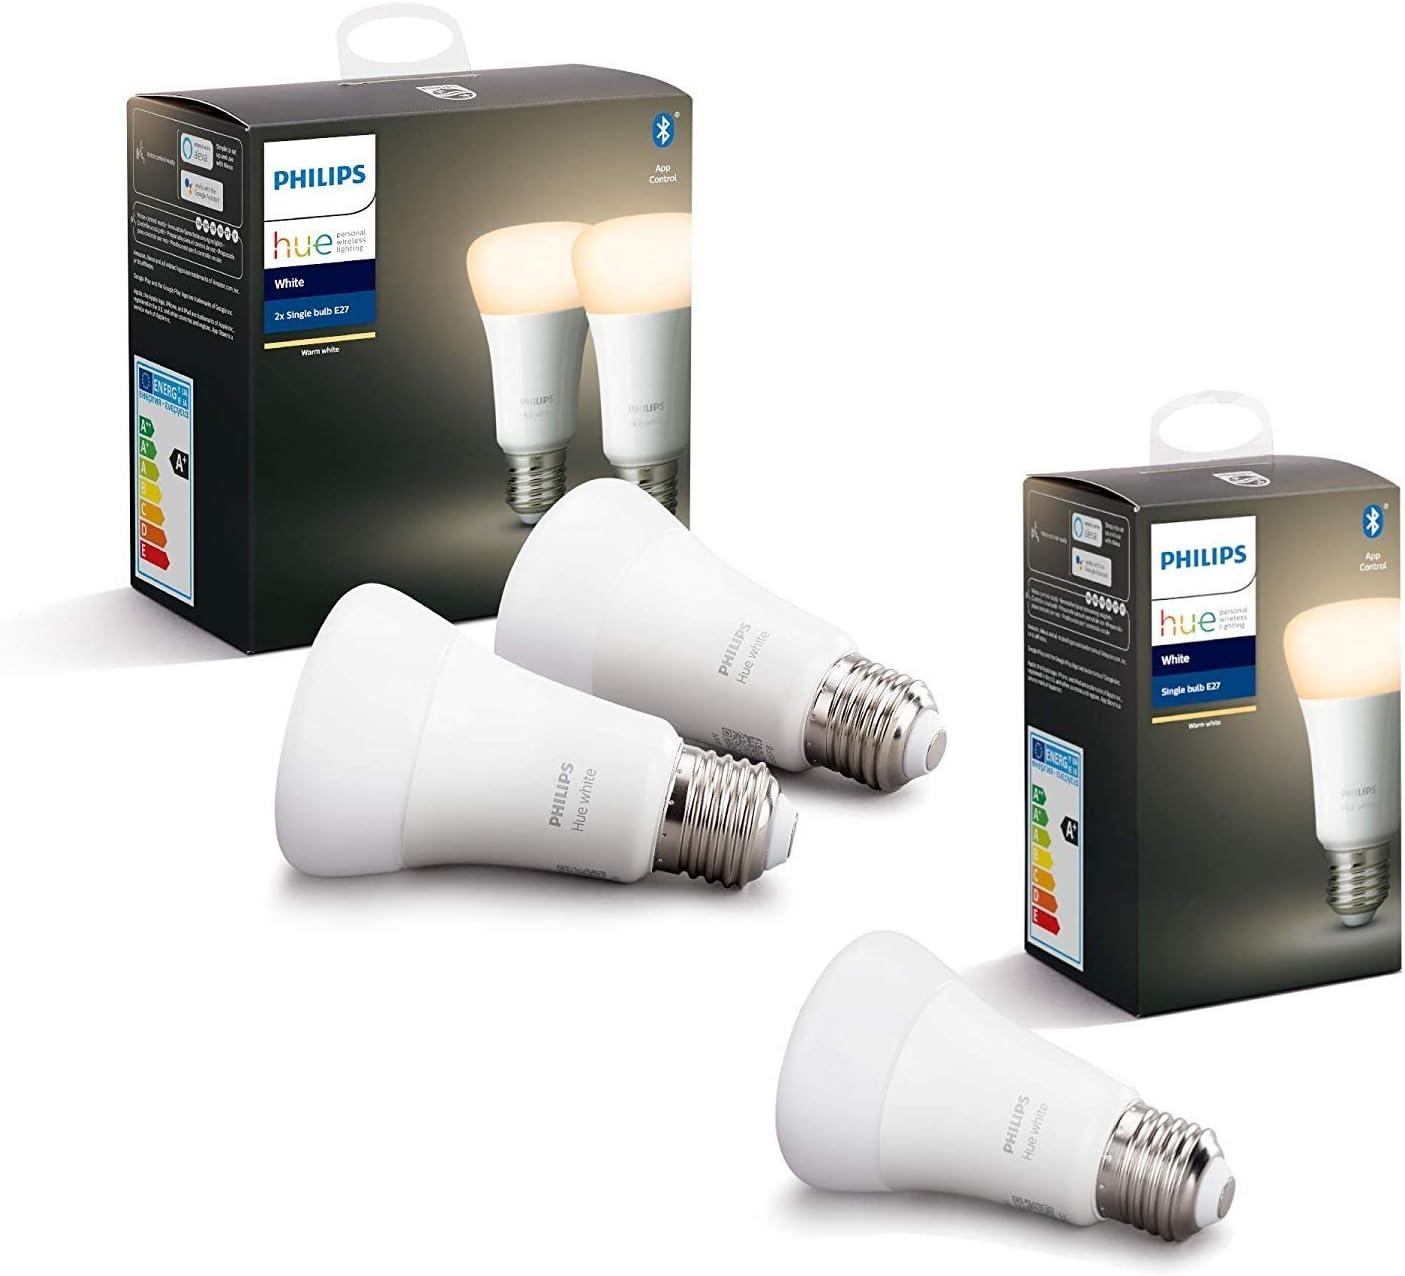 3er Set Philips Hue White E27 Lampen (2700 Kelvin)